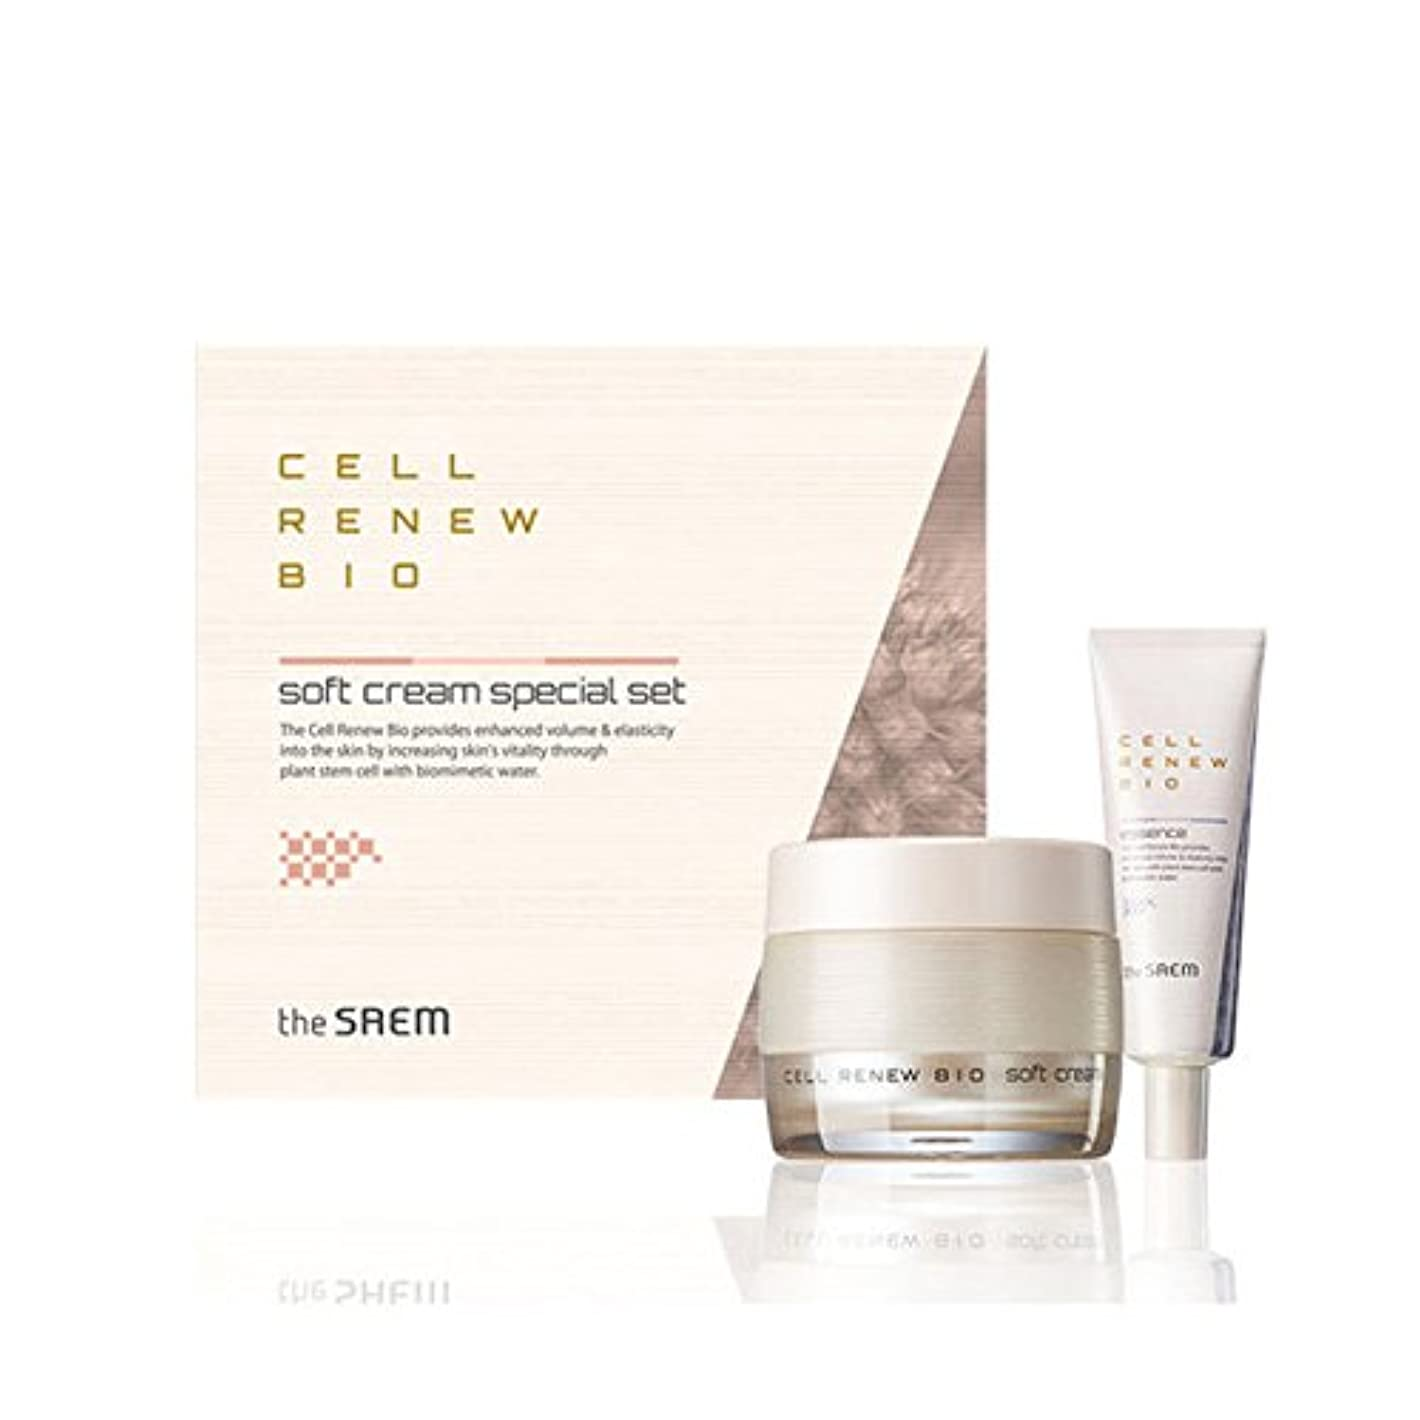 日付クランシー業界[ザセム] The Saem セルリニュー バイオ クリーム スペシャルセット Cell Renew Bio Cream Special Set (海外直送品) [並行輸入品]